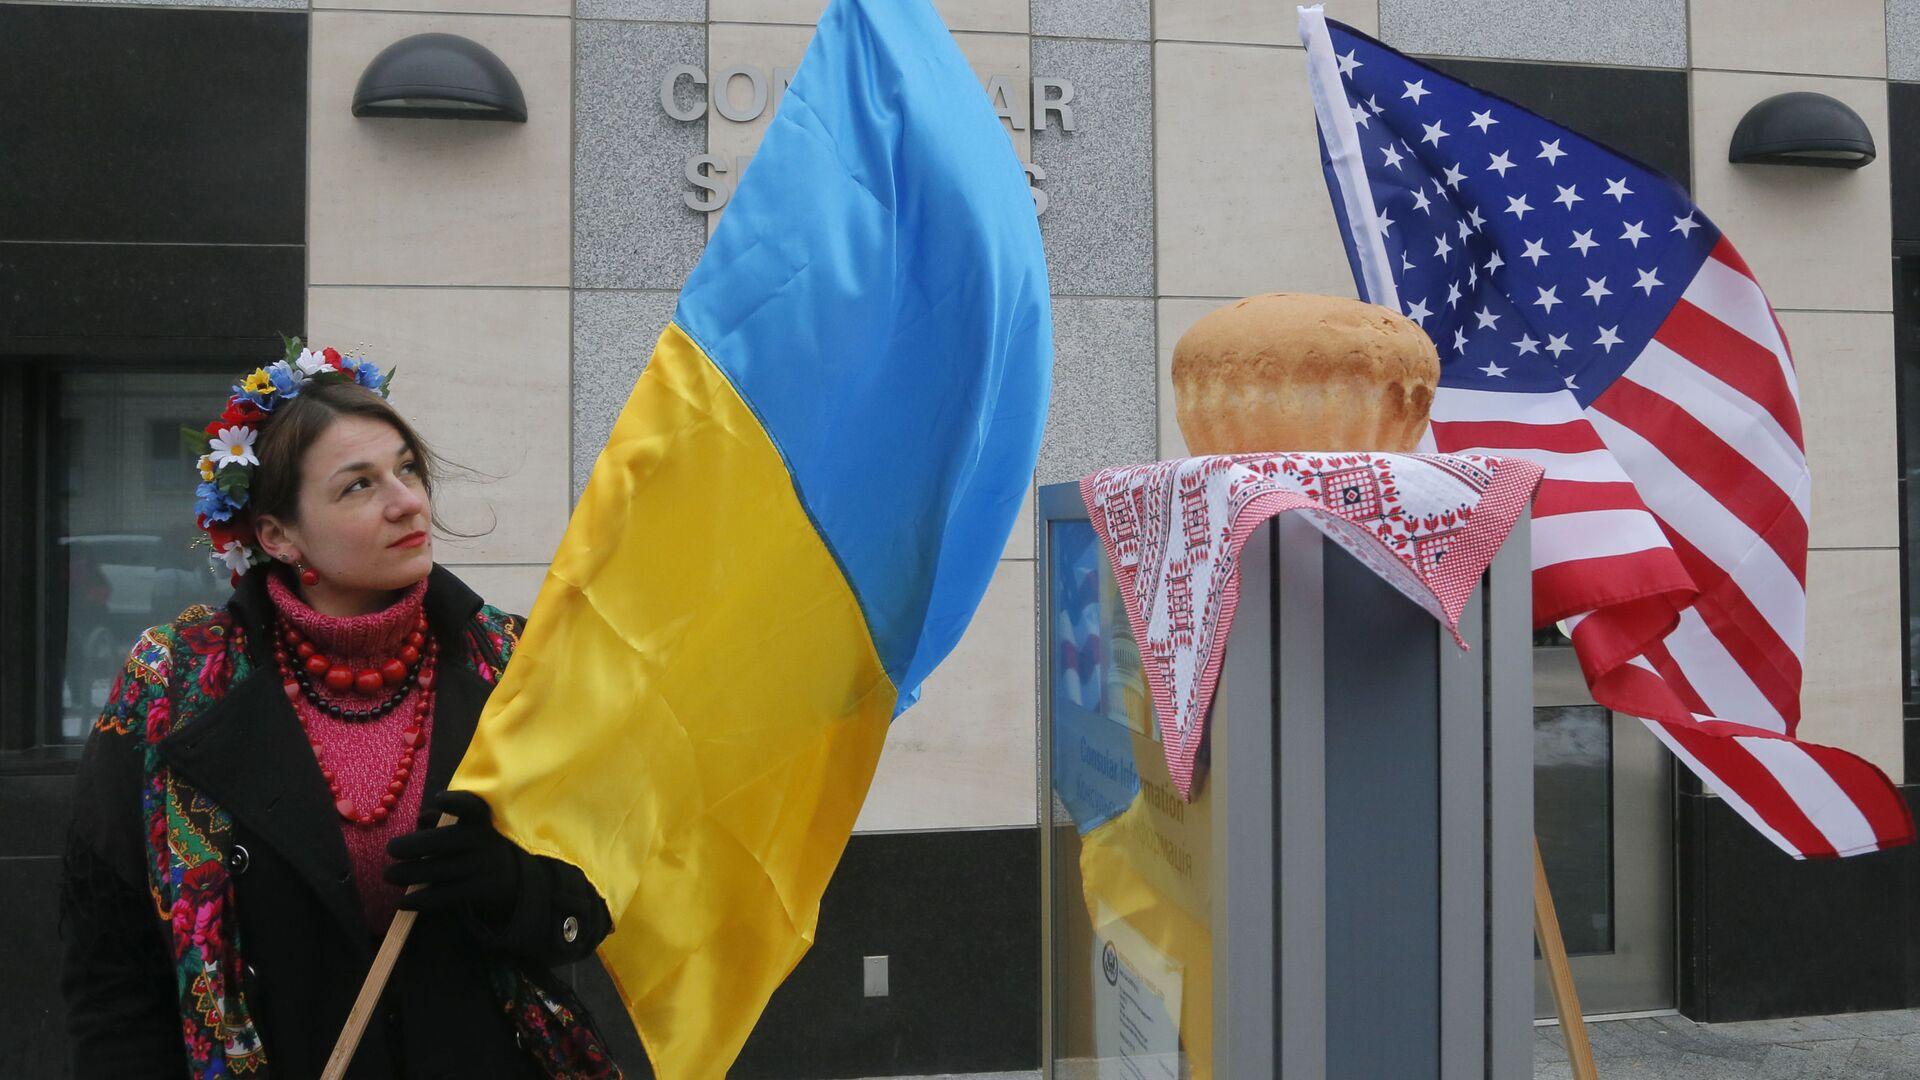 Девушка с украинским флагом у посольства США в Киеве  - Sputnik Узбекистан, 1920, 17.09.2021